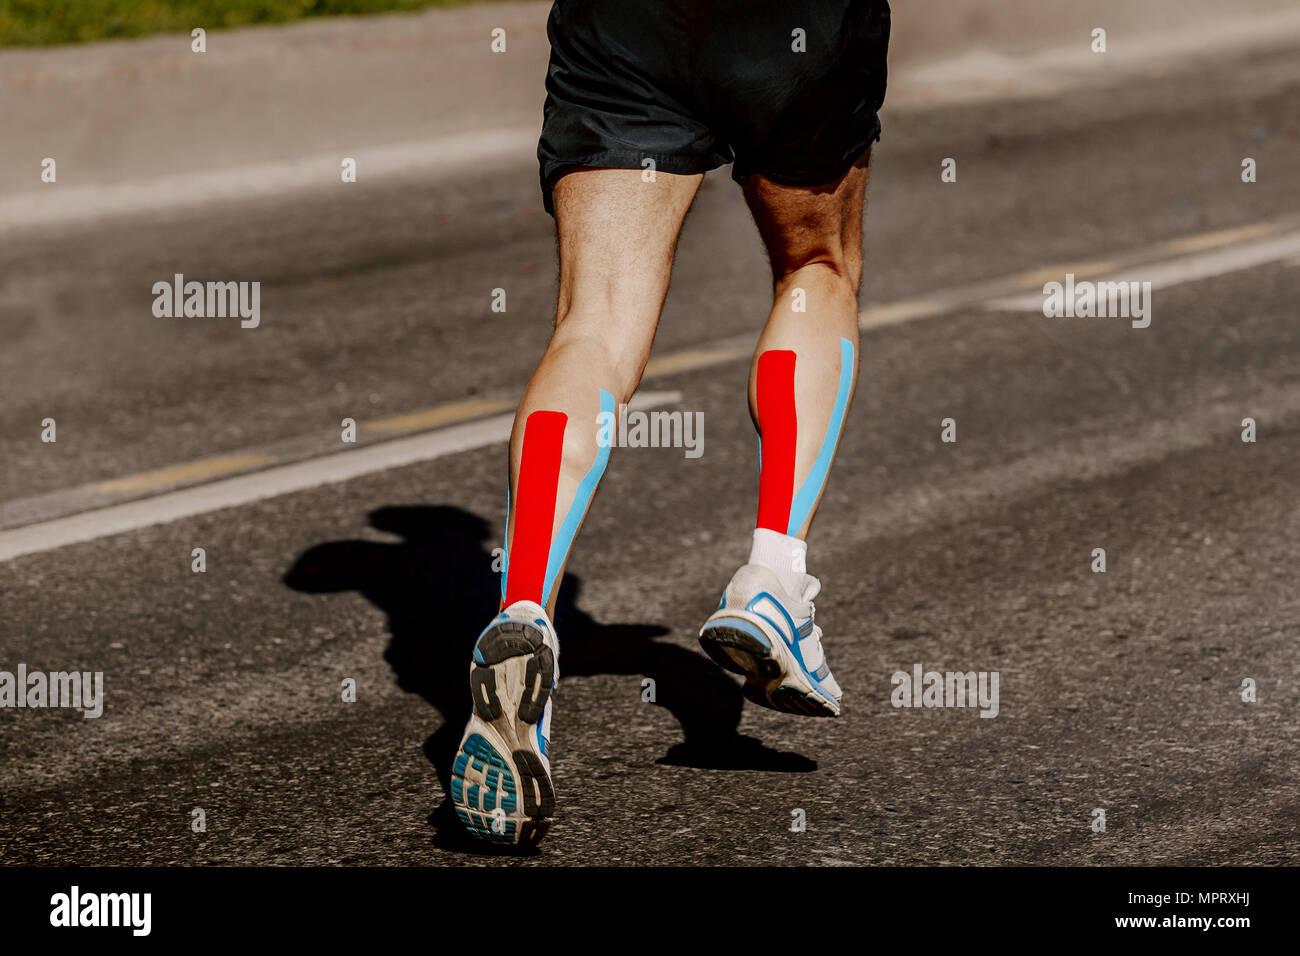 Beine Läufer mit kinesio Tape auf wadenmuskel Betrieb Straße ...